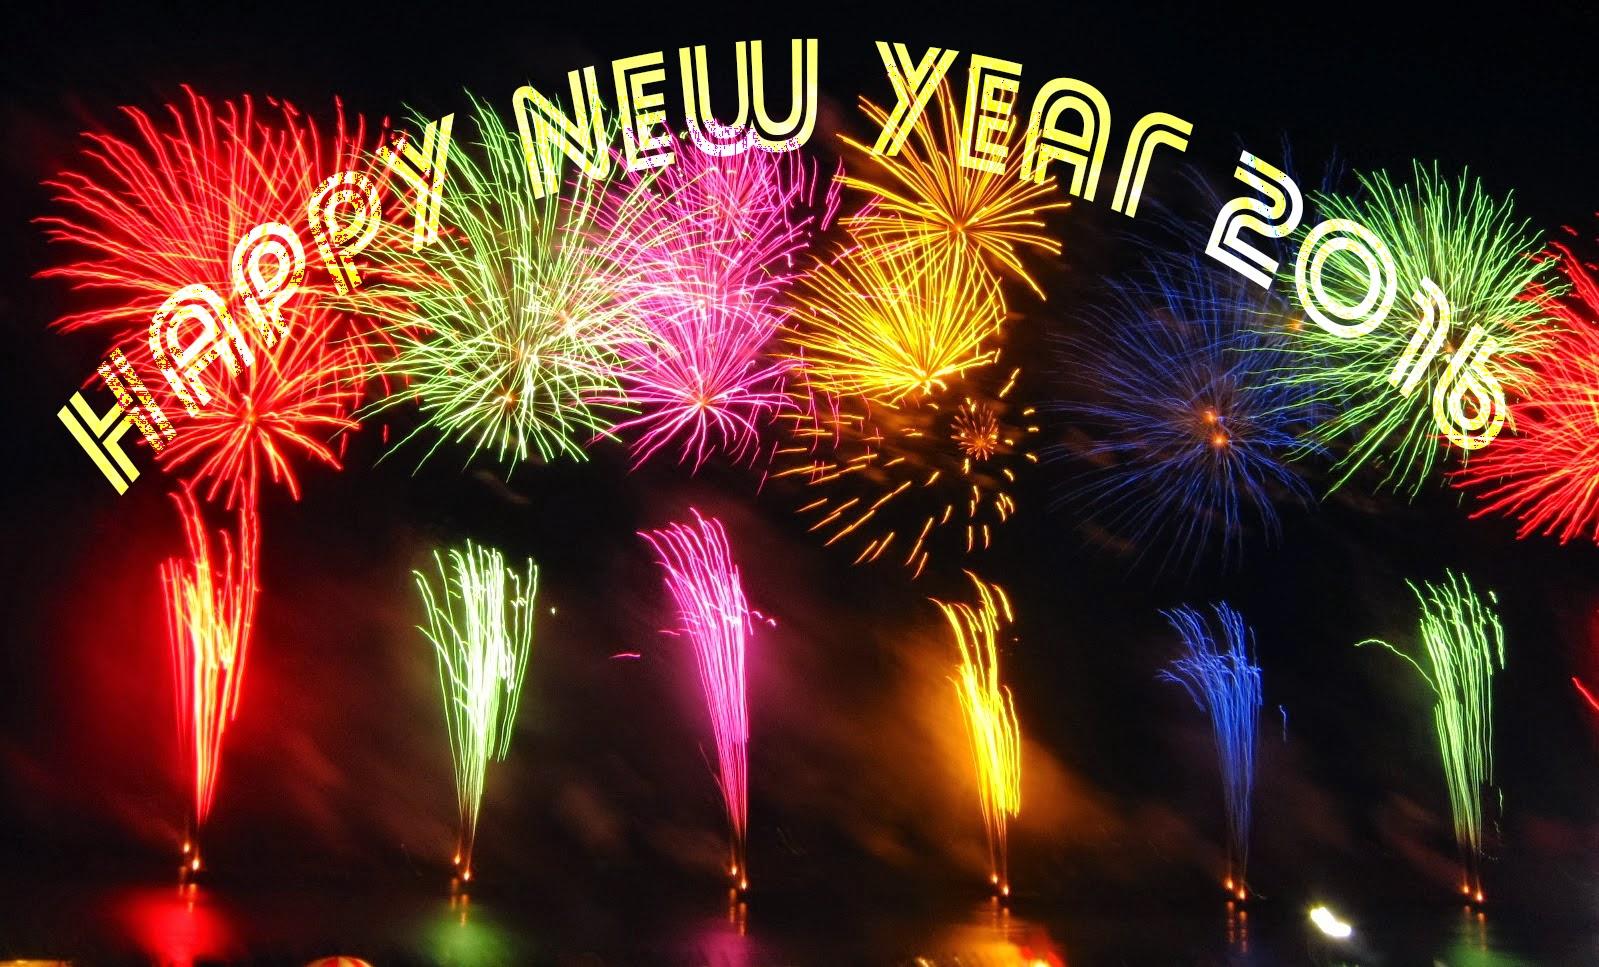 vuurwerk-2016-nieuwjaarswens.jpg